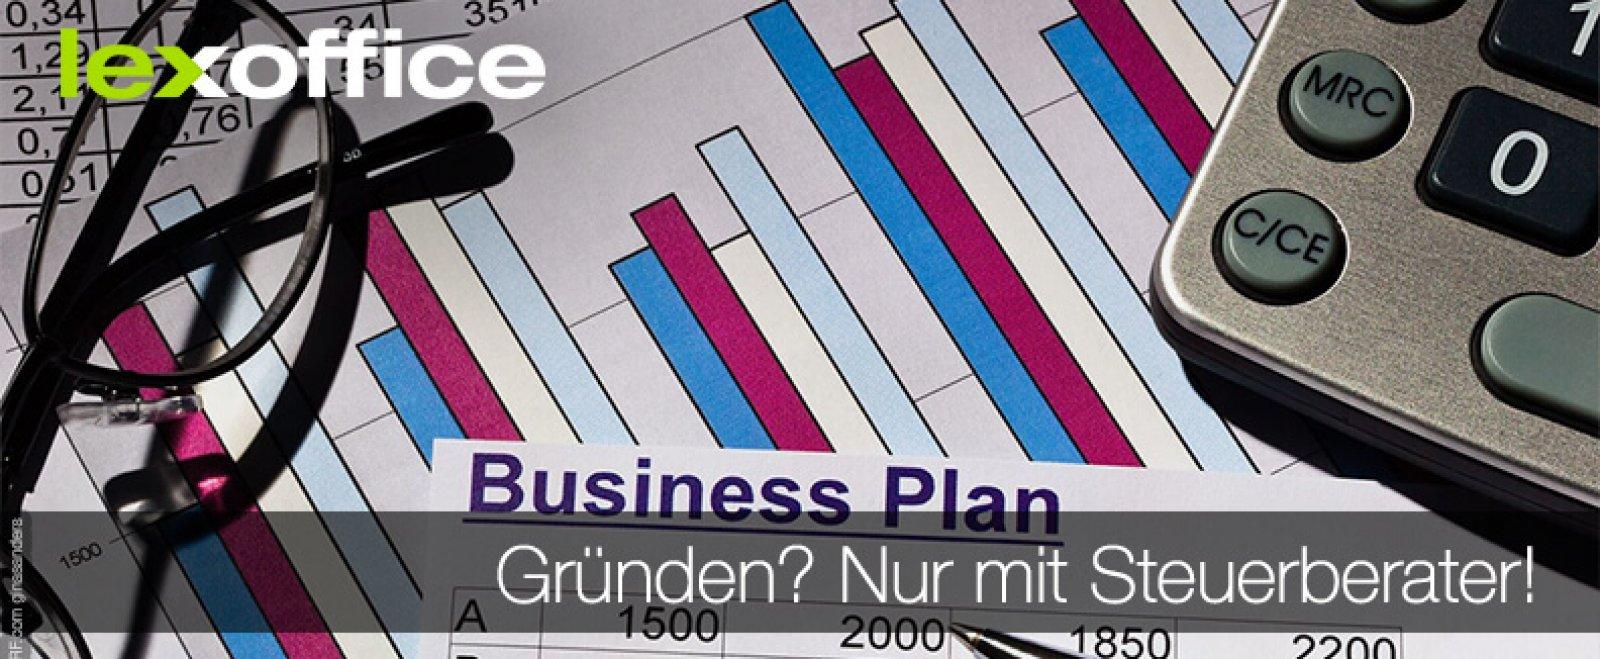 Start-up oder Existenzgründer? Immer nur mit Steuerberater gründen!